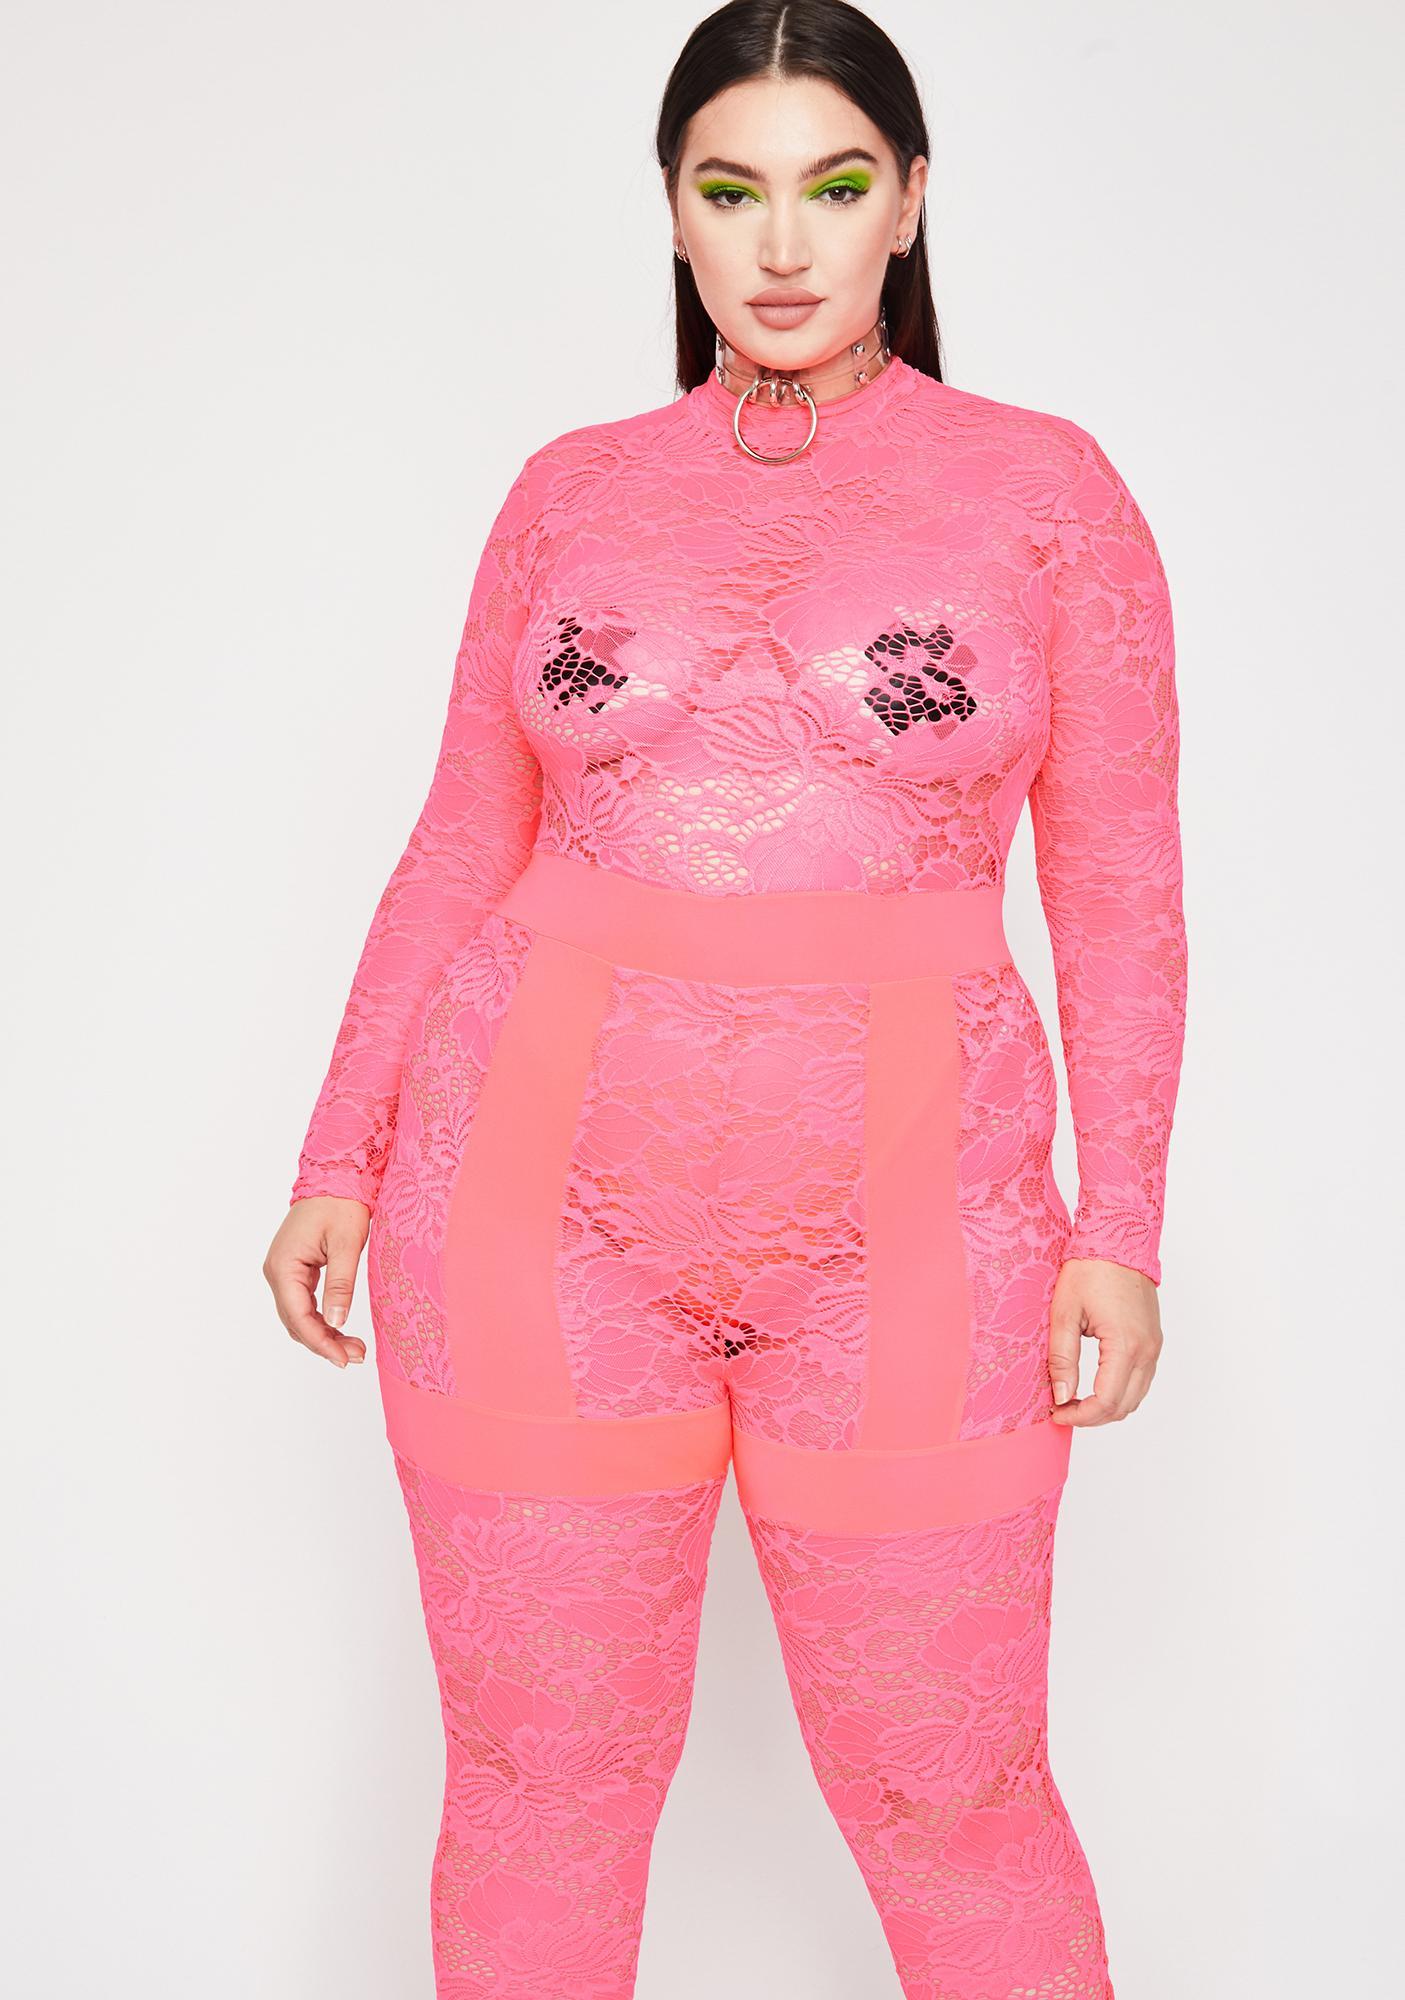 Coral Got Fifth Avenue Fever Lace Jumpsuit